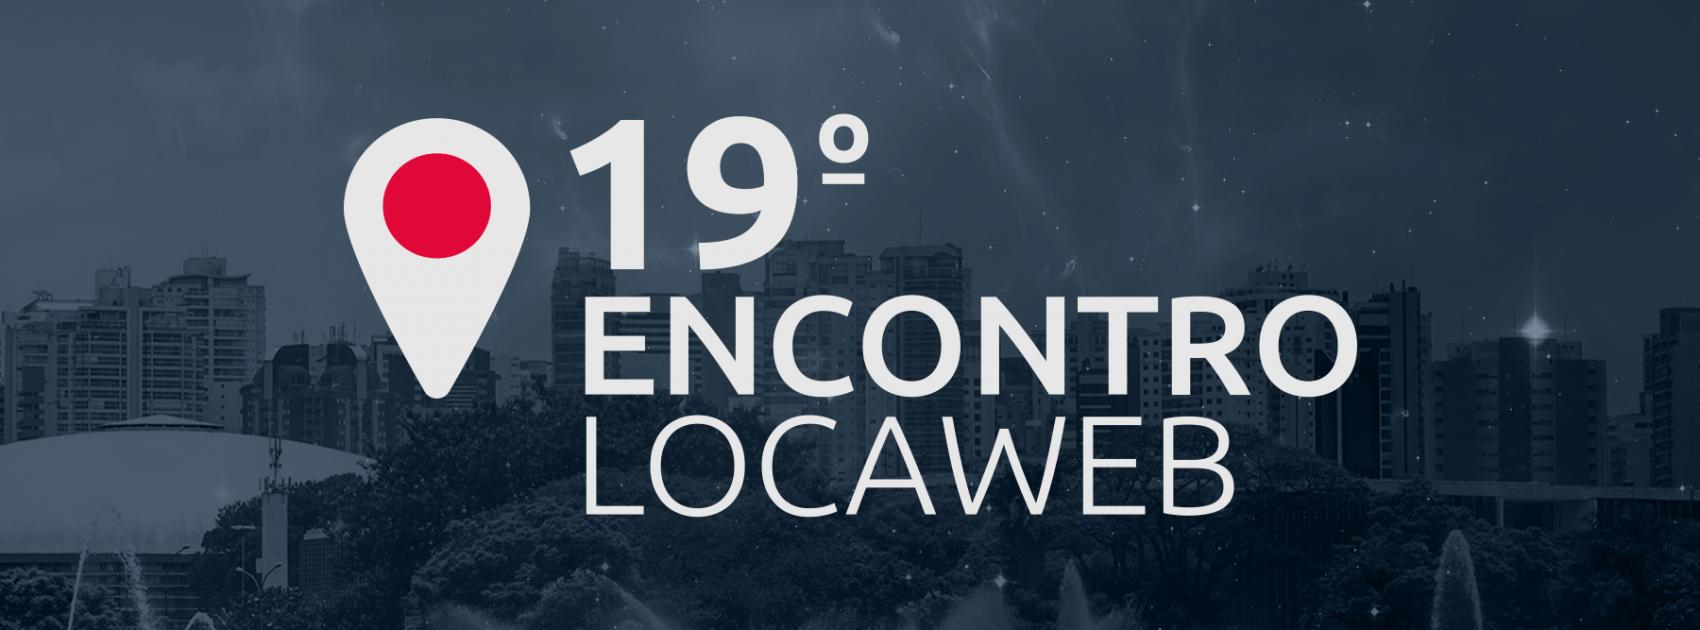 Eventos da Locaweb